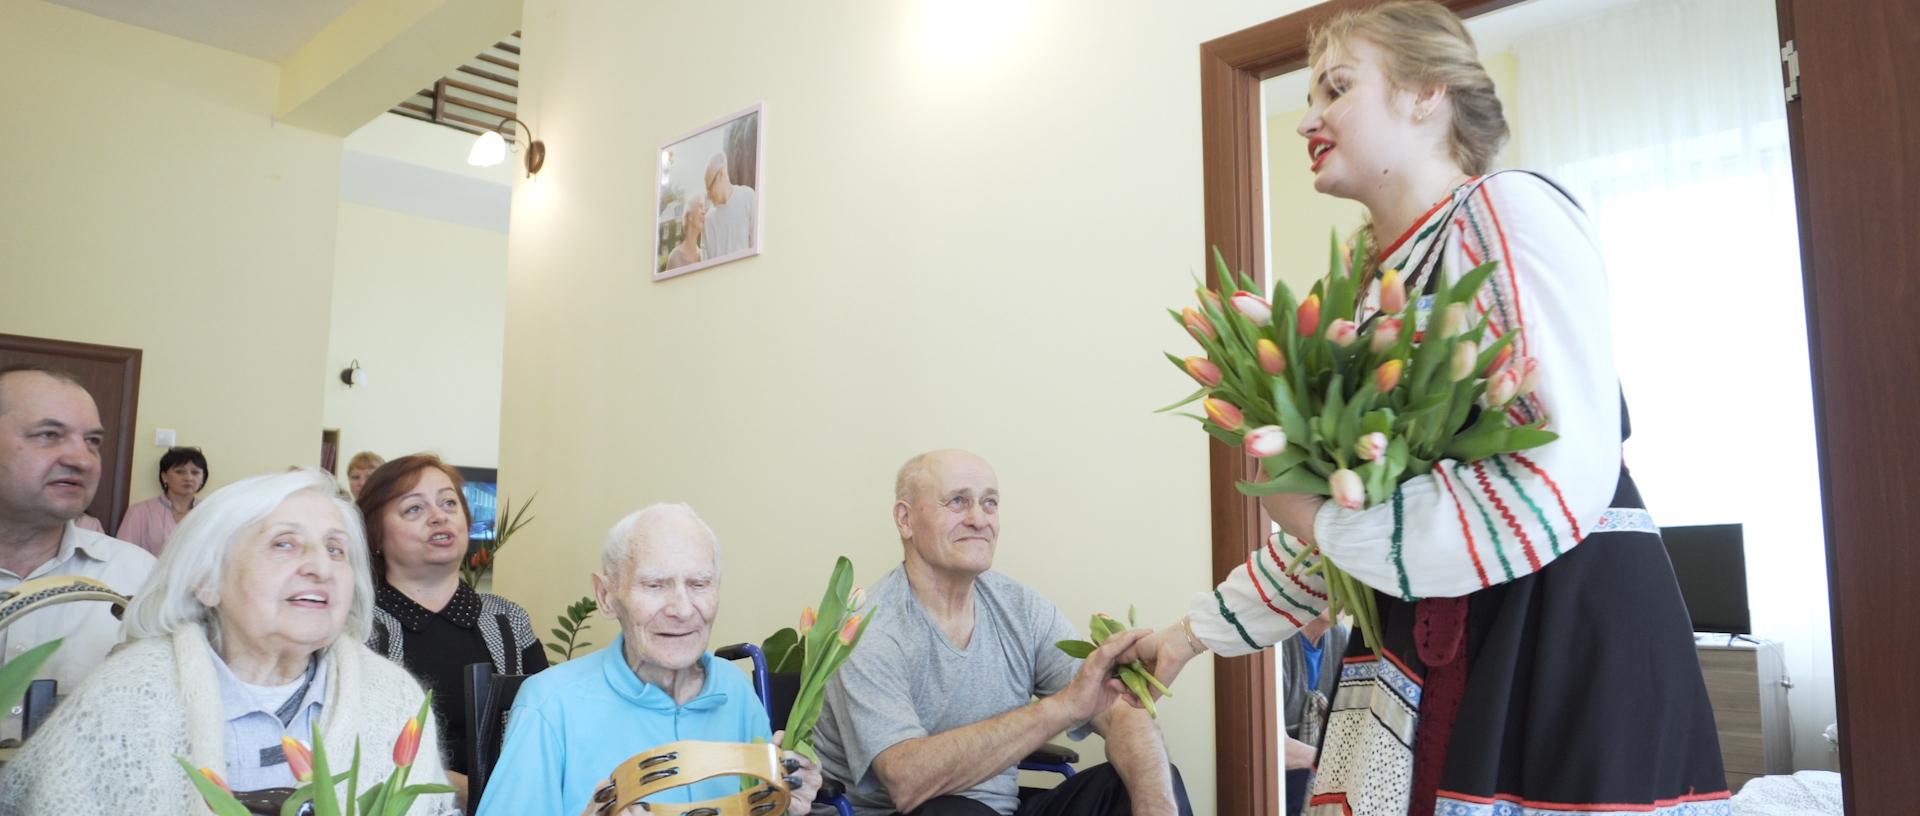 Дом для пожилых добрый день в мичуринское каргопольский дом интернат для престарелых и инвалидов сайт